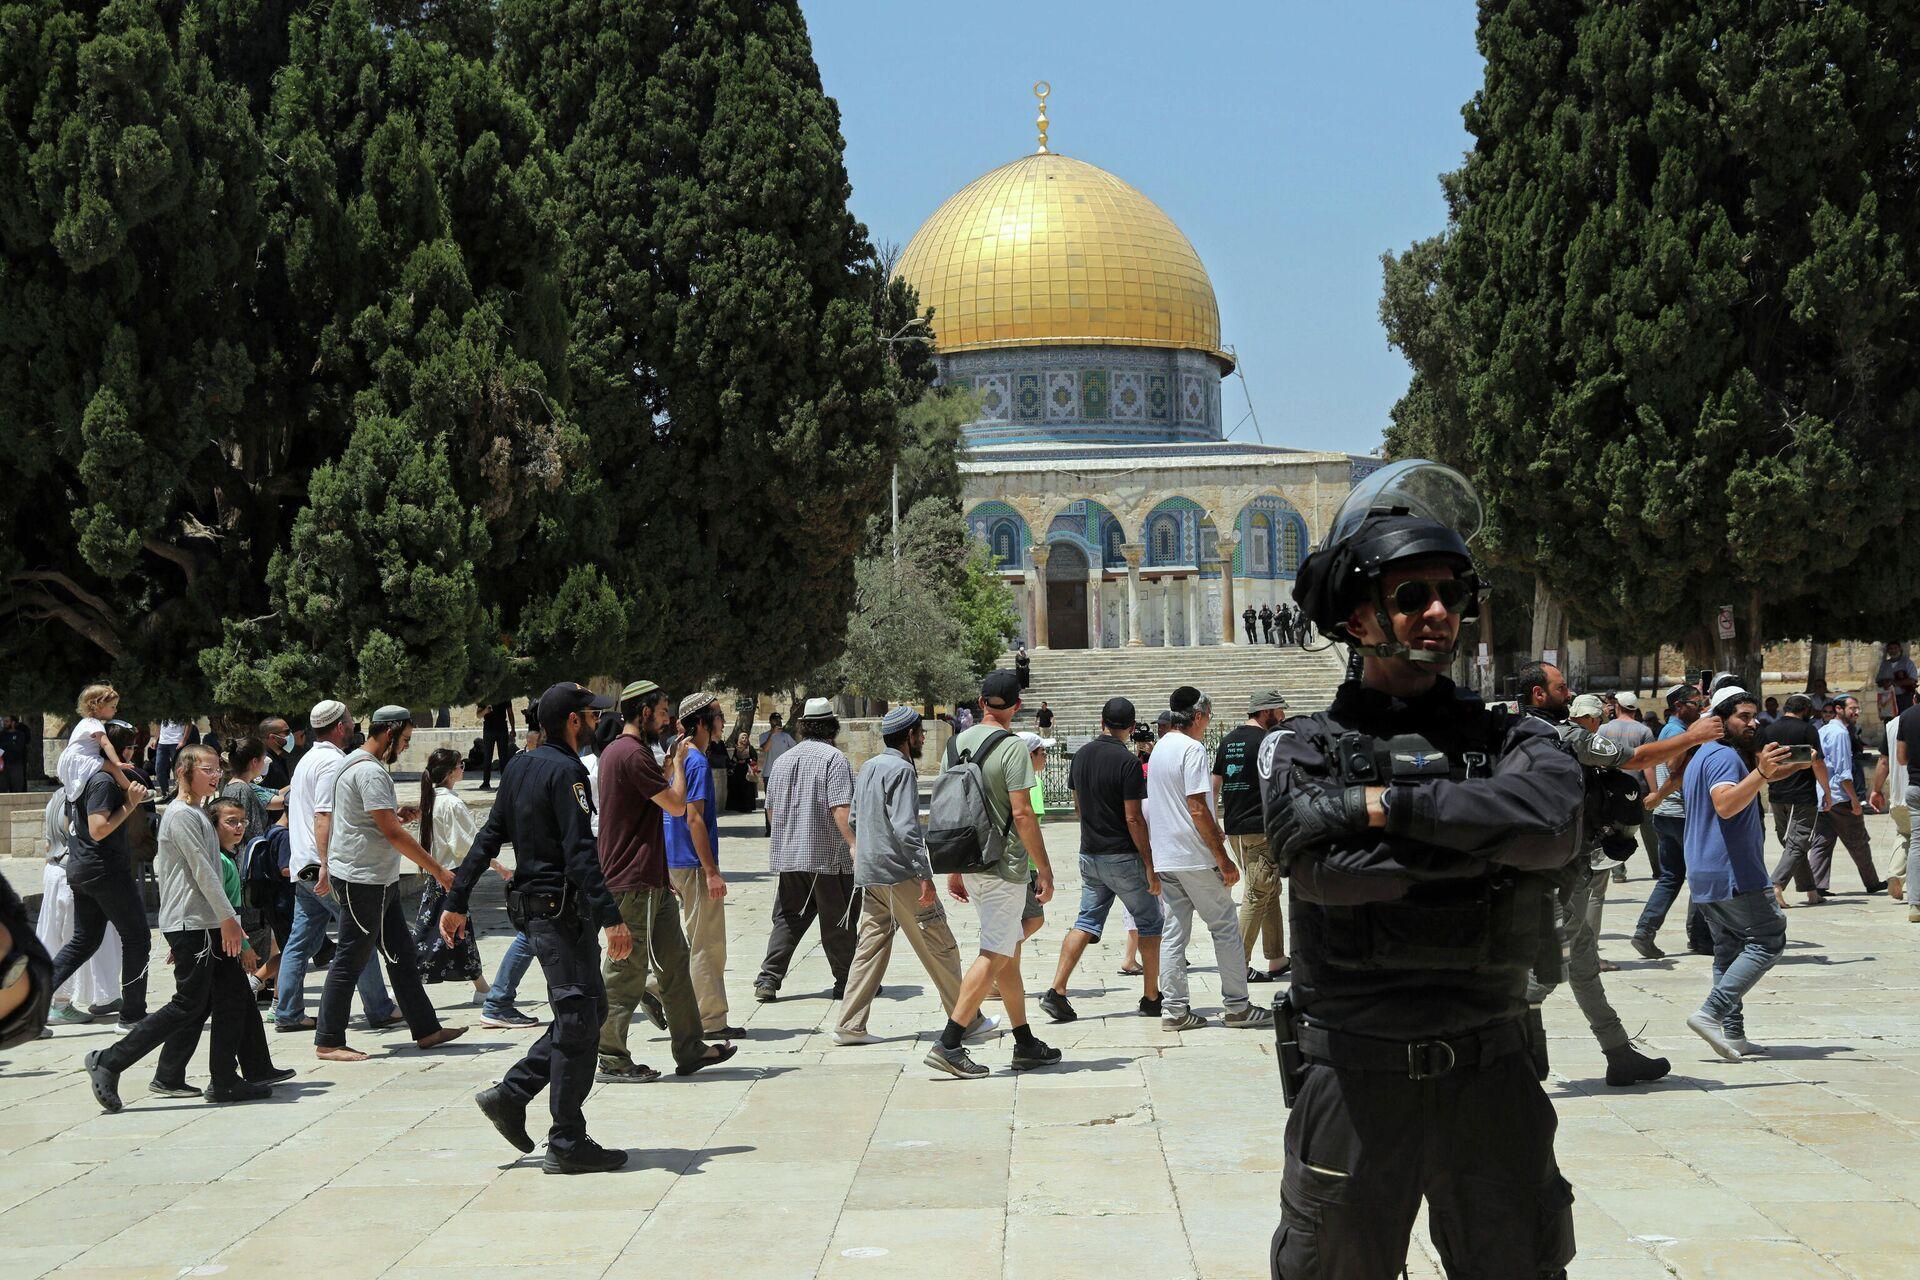 Большая мечеть Аль-Акша в Иерусалиме - Sputnik Грузия, 1920, 19.09.2021